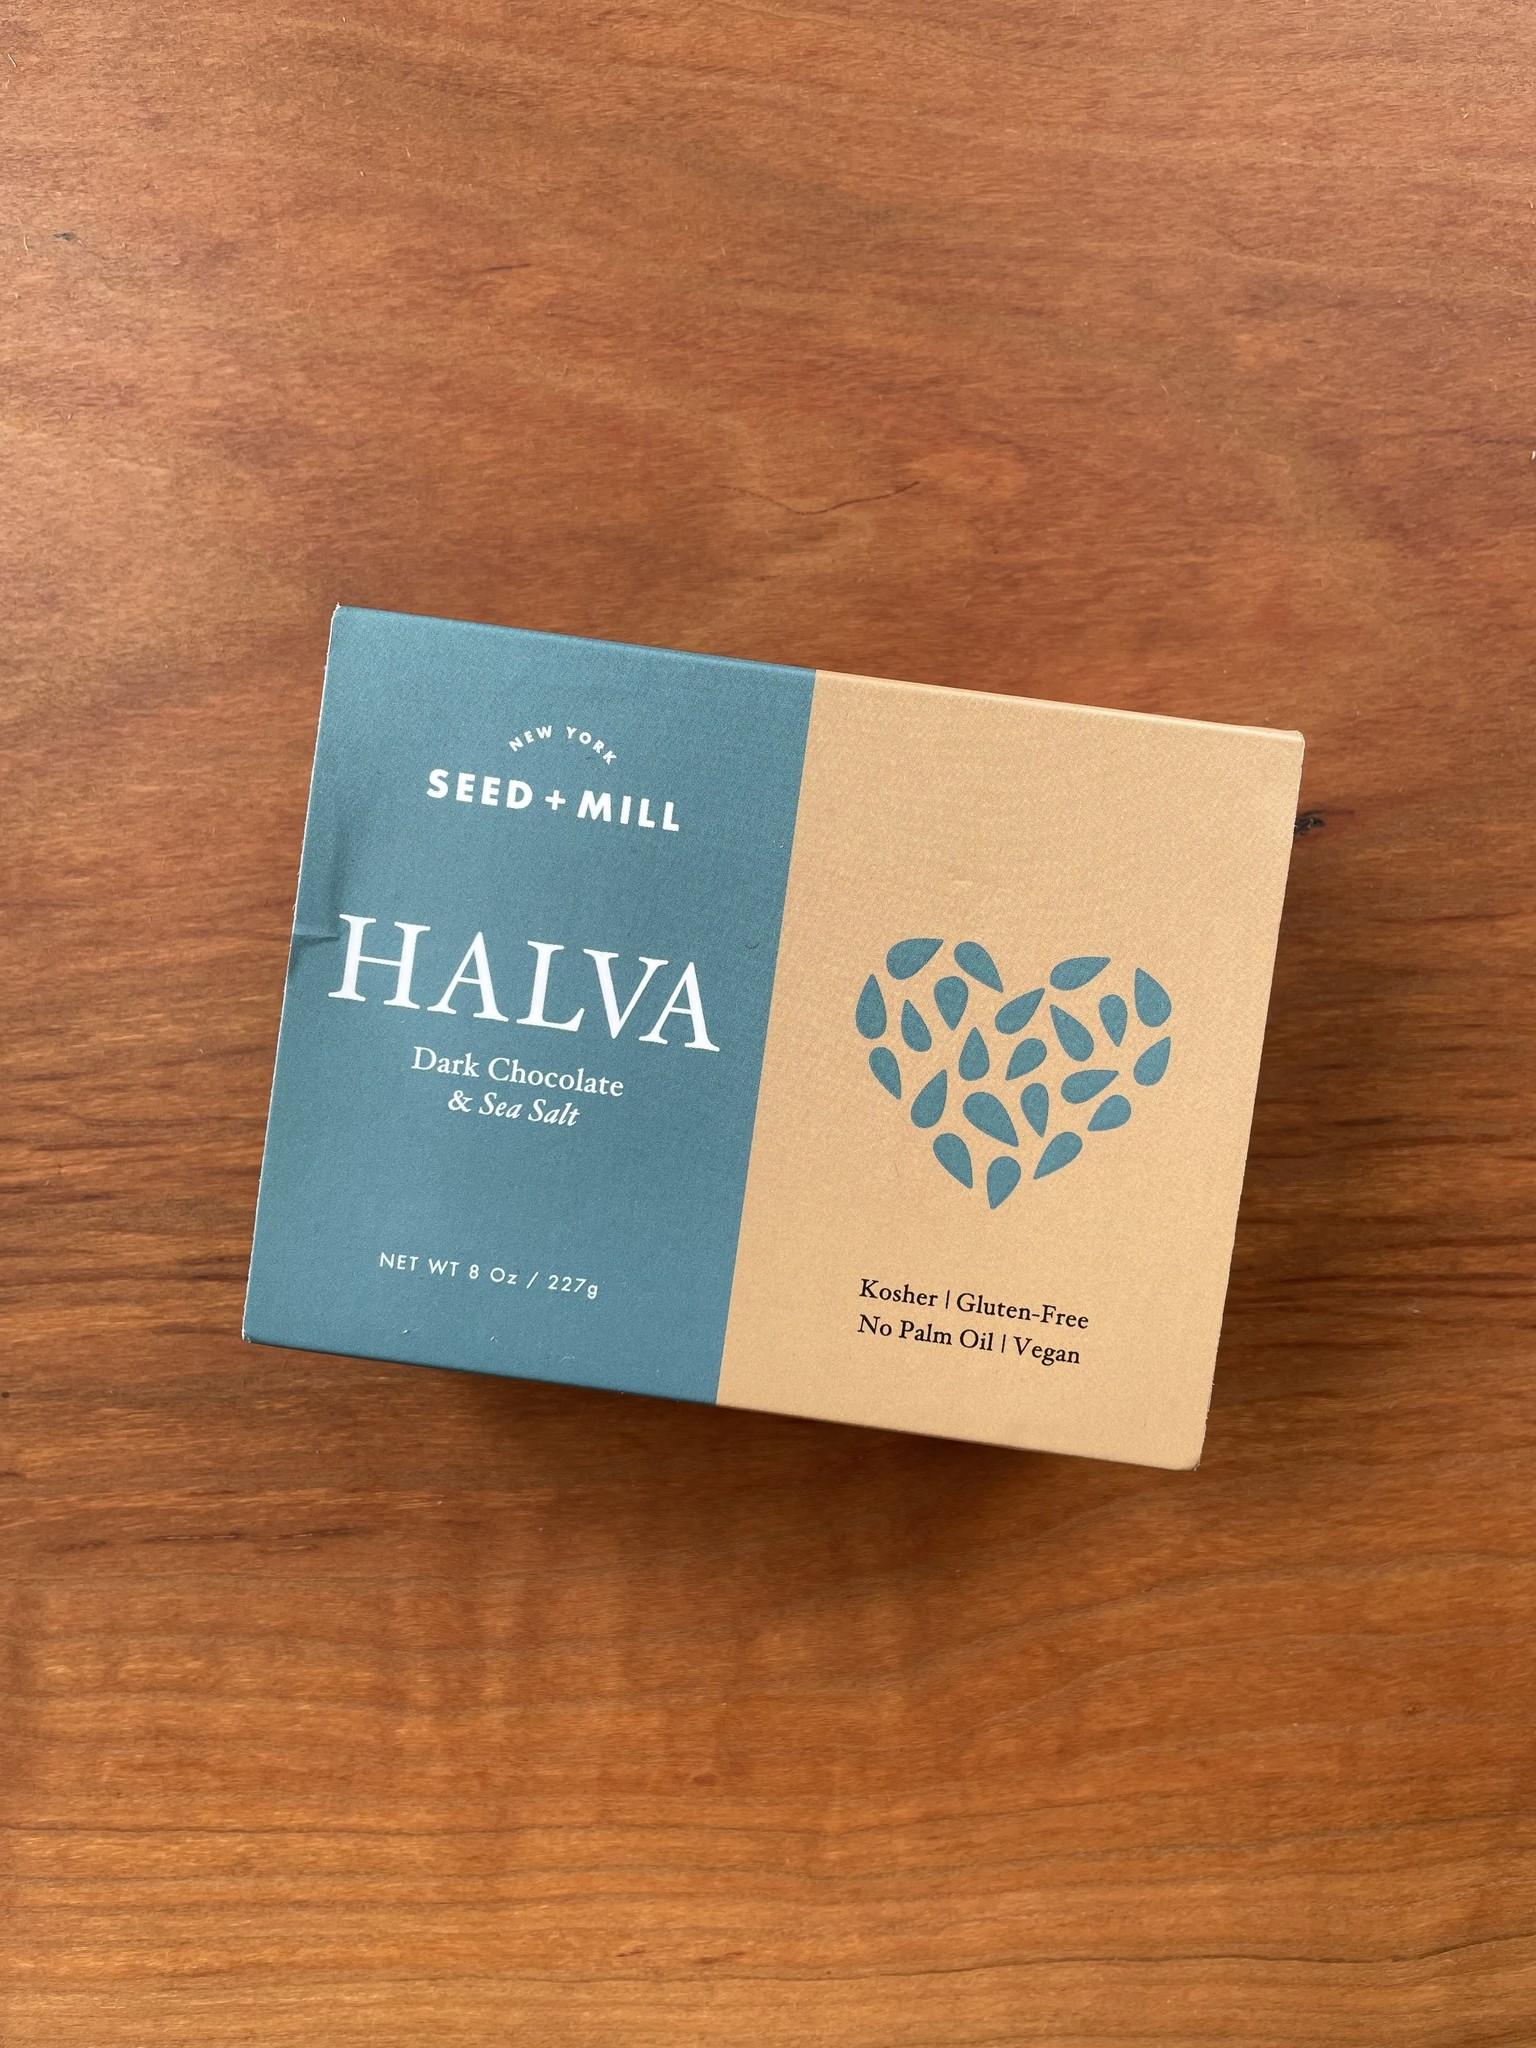 Seed + Mill Dark Chocolate & Sea Salt Halva, 8 oz.-1